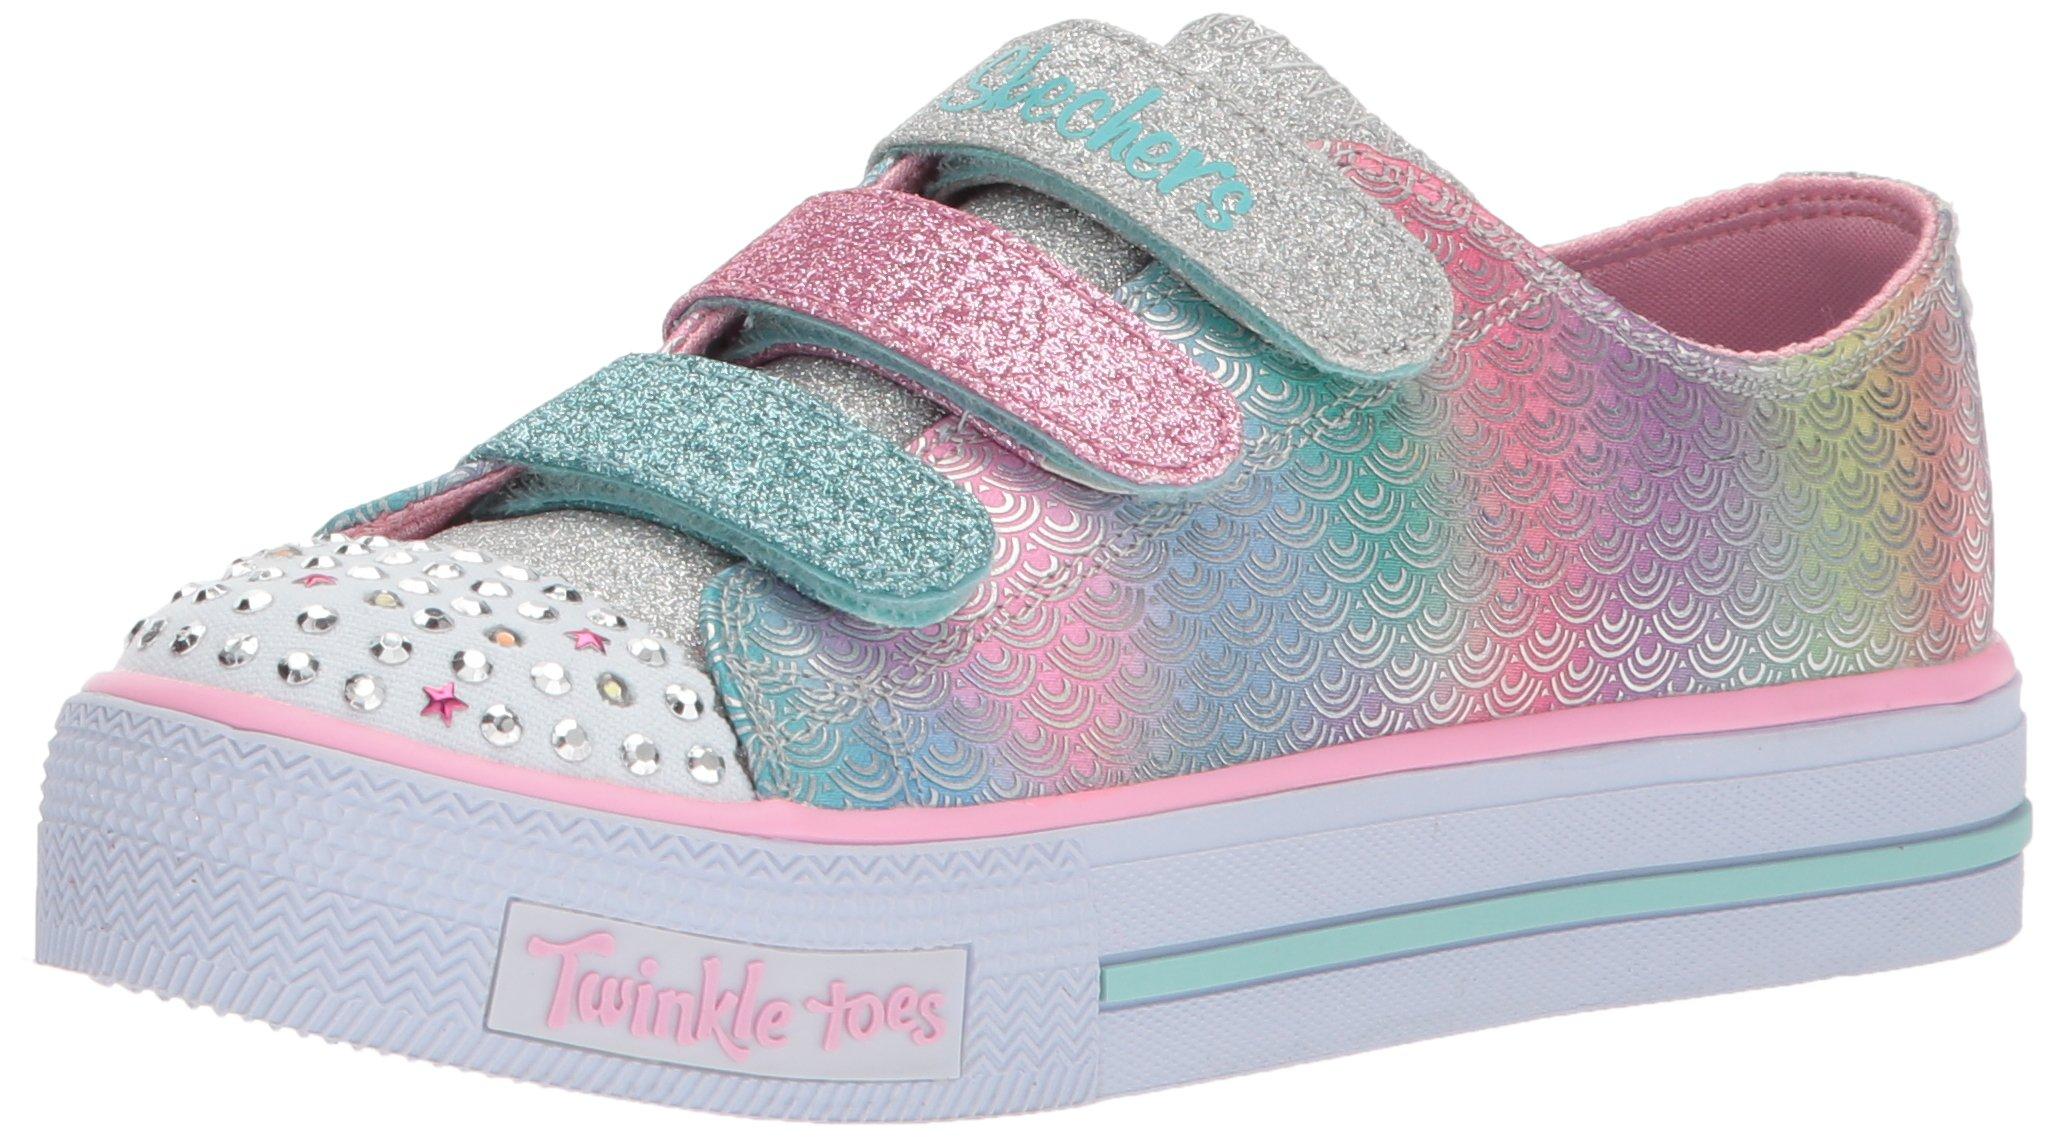 Skechers Kids Girls' Shuffles-MS. Mermaid Sneaker,Silver/Multi,9 Medium US Toddler by Skechers